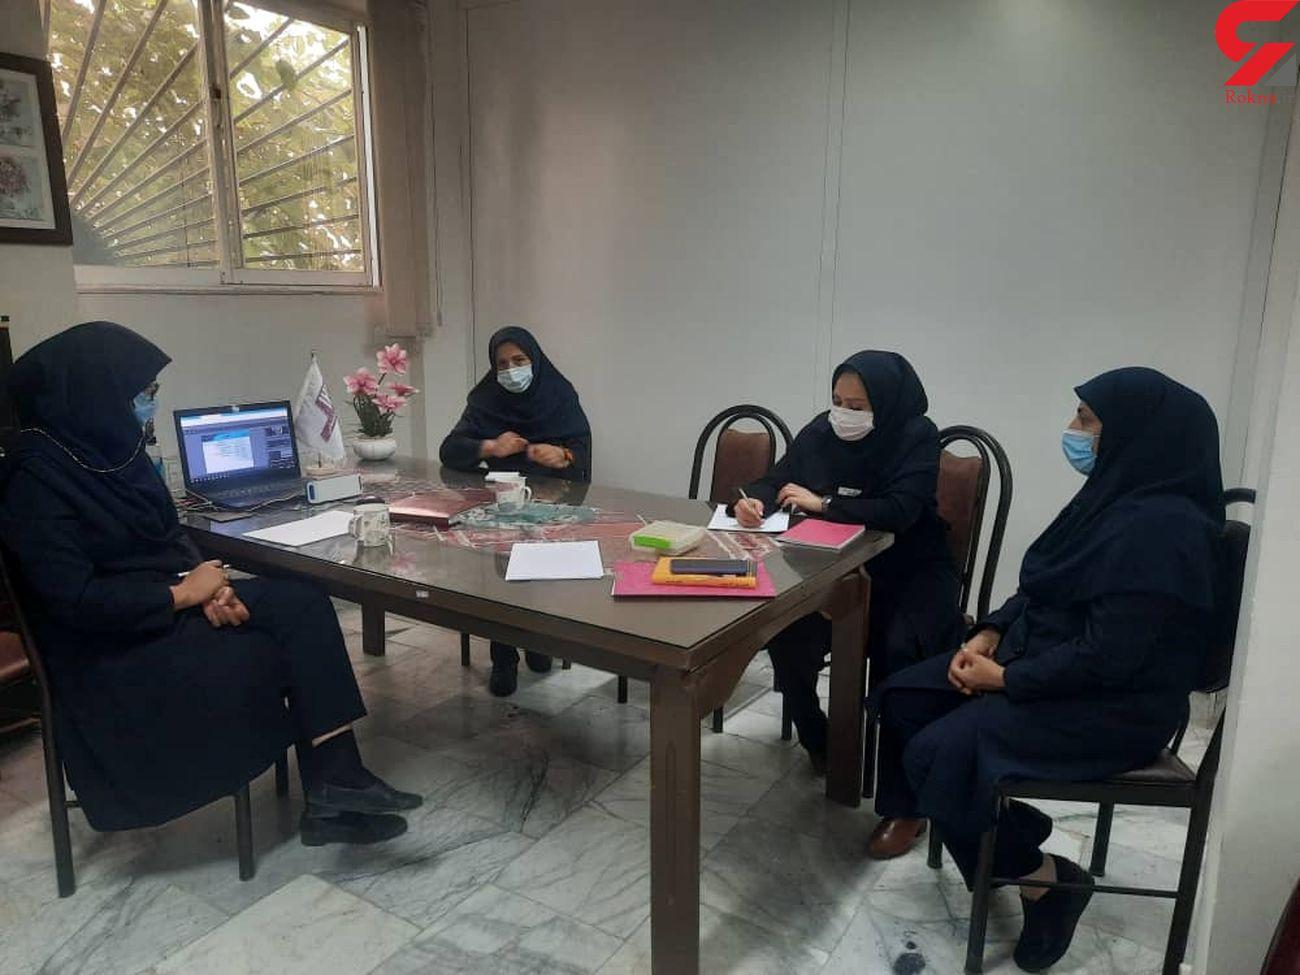 کارگاه آموزشی پیشگیری از خودکشی در بهزیستی مازندران برگزار شد